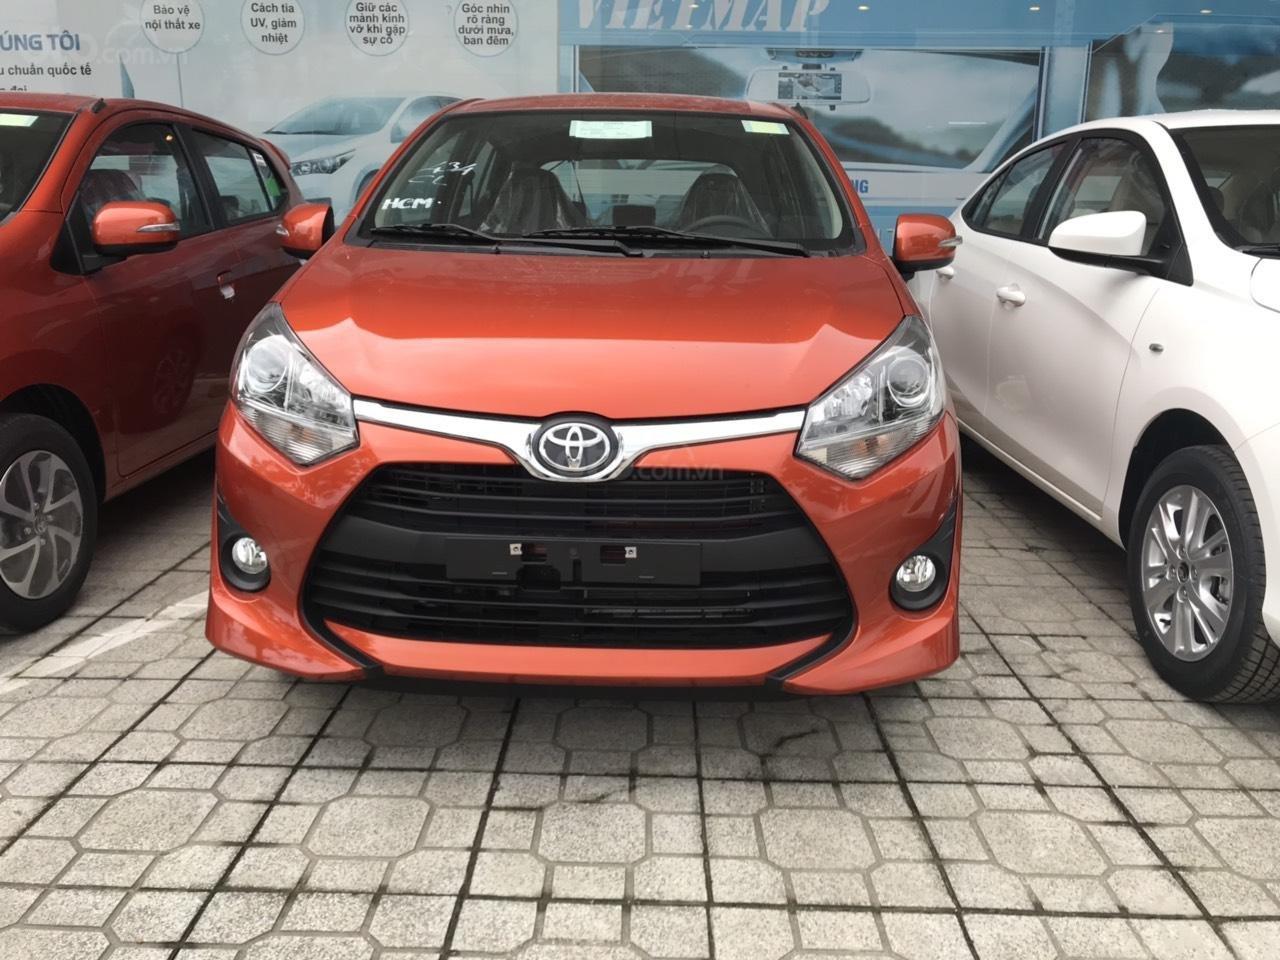 Bán xe Toyota Wigo 1.2MT năm 2019, xe nhập khẩu/ khuyến mãi lớn (1)